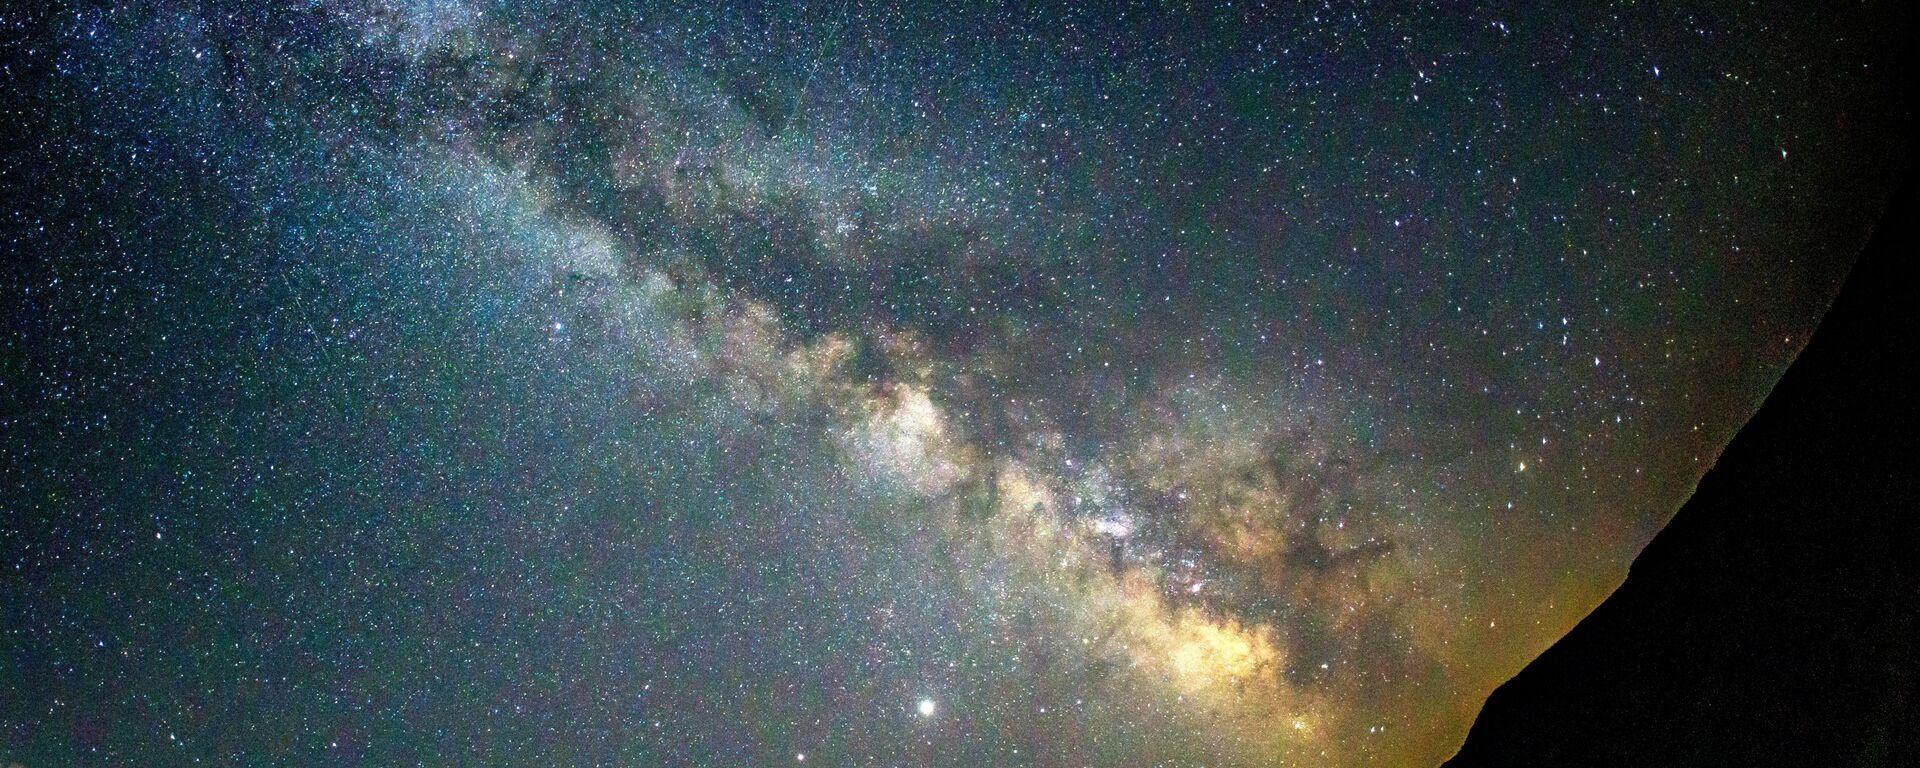 ვარსკვლავებიანი ცა - Sputnik საქართველო, 1920, 28.05.2021